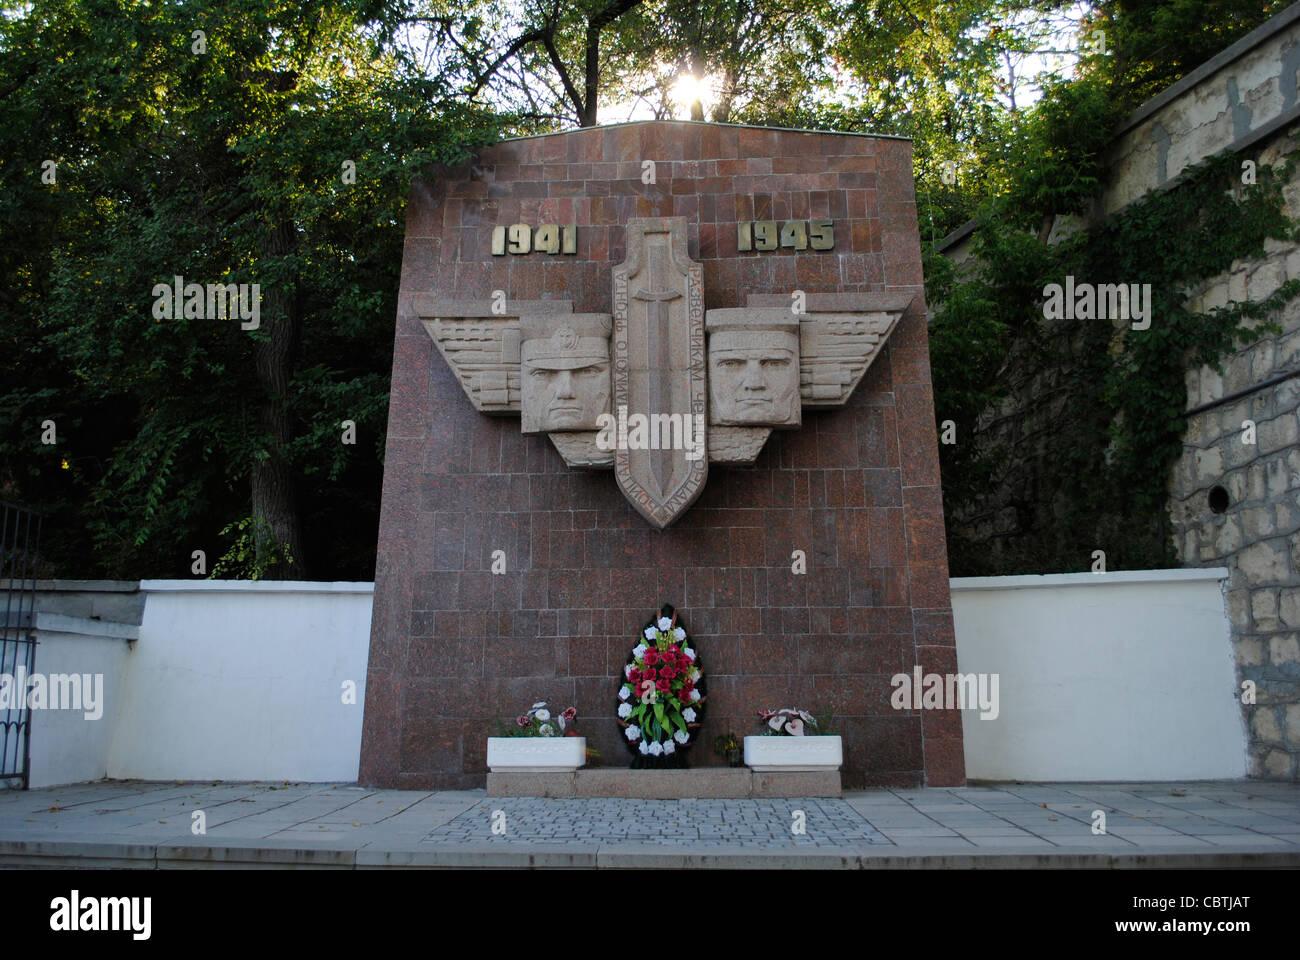 Ukraine. Sevastopol. Memorial to World War II. - Stock Image